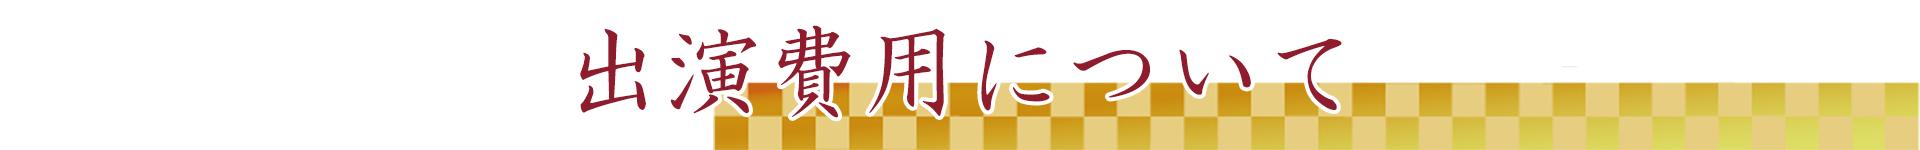 東京讃岐獅子舞 タグ